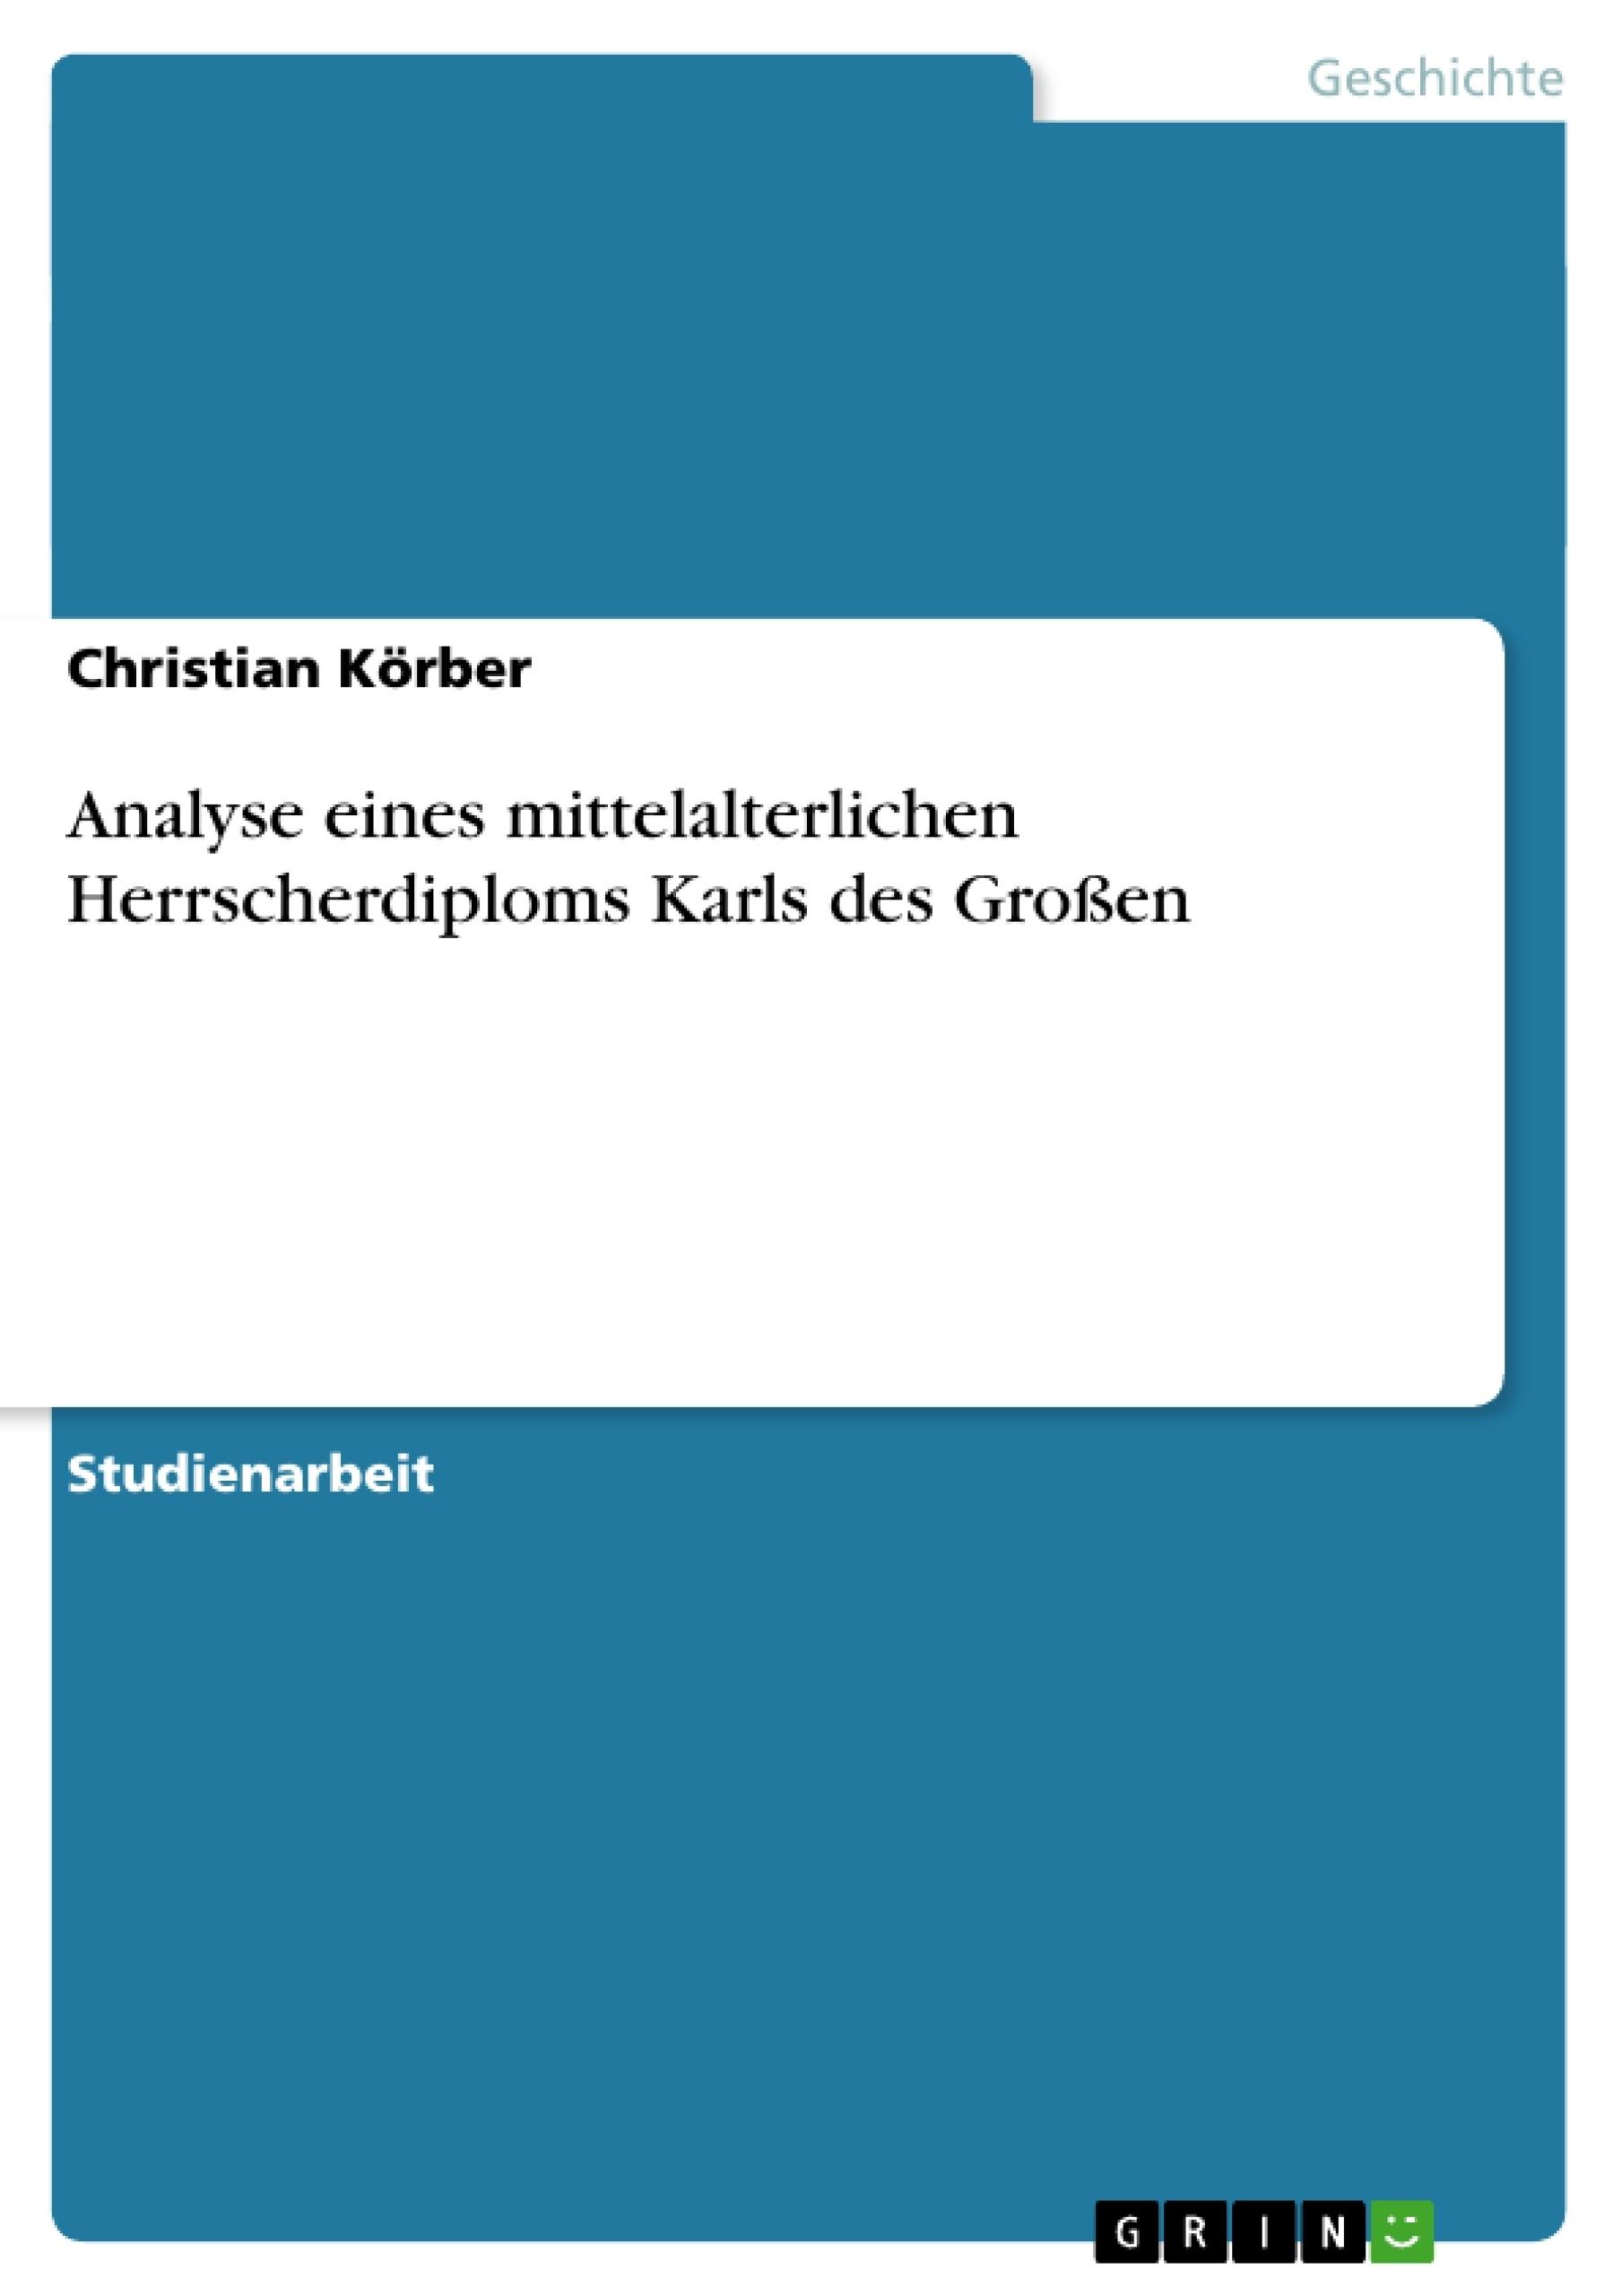 Titel: Analyse eines mittelalterlichen Herrscherdiploms Karls des Großen